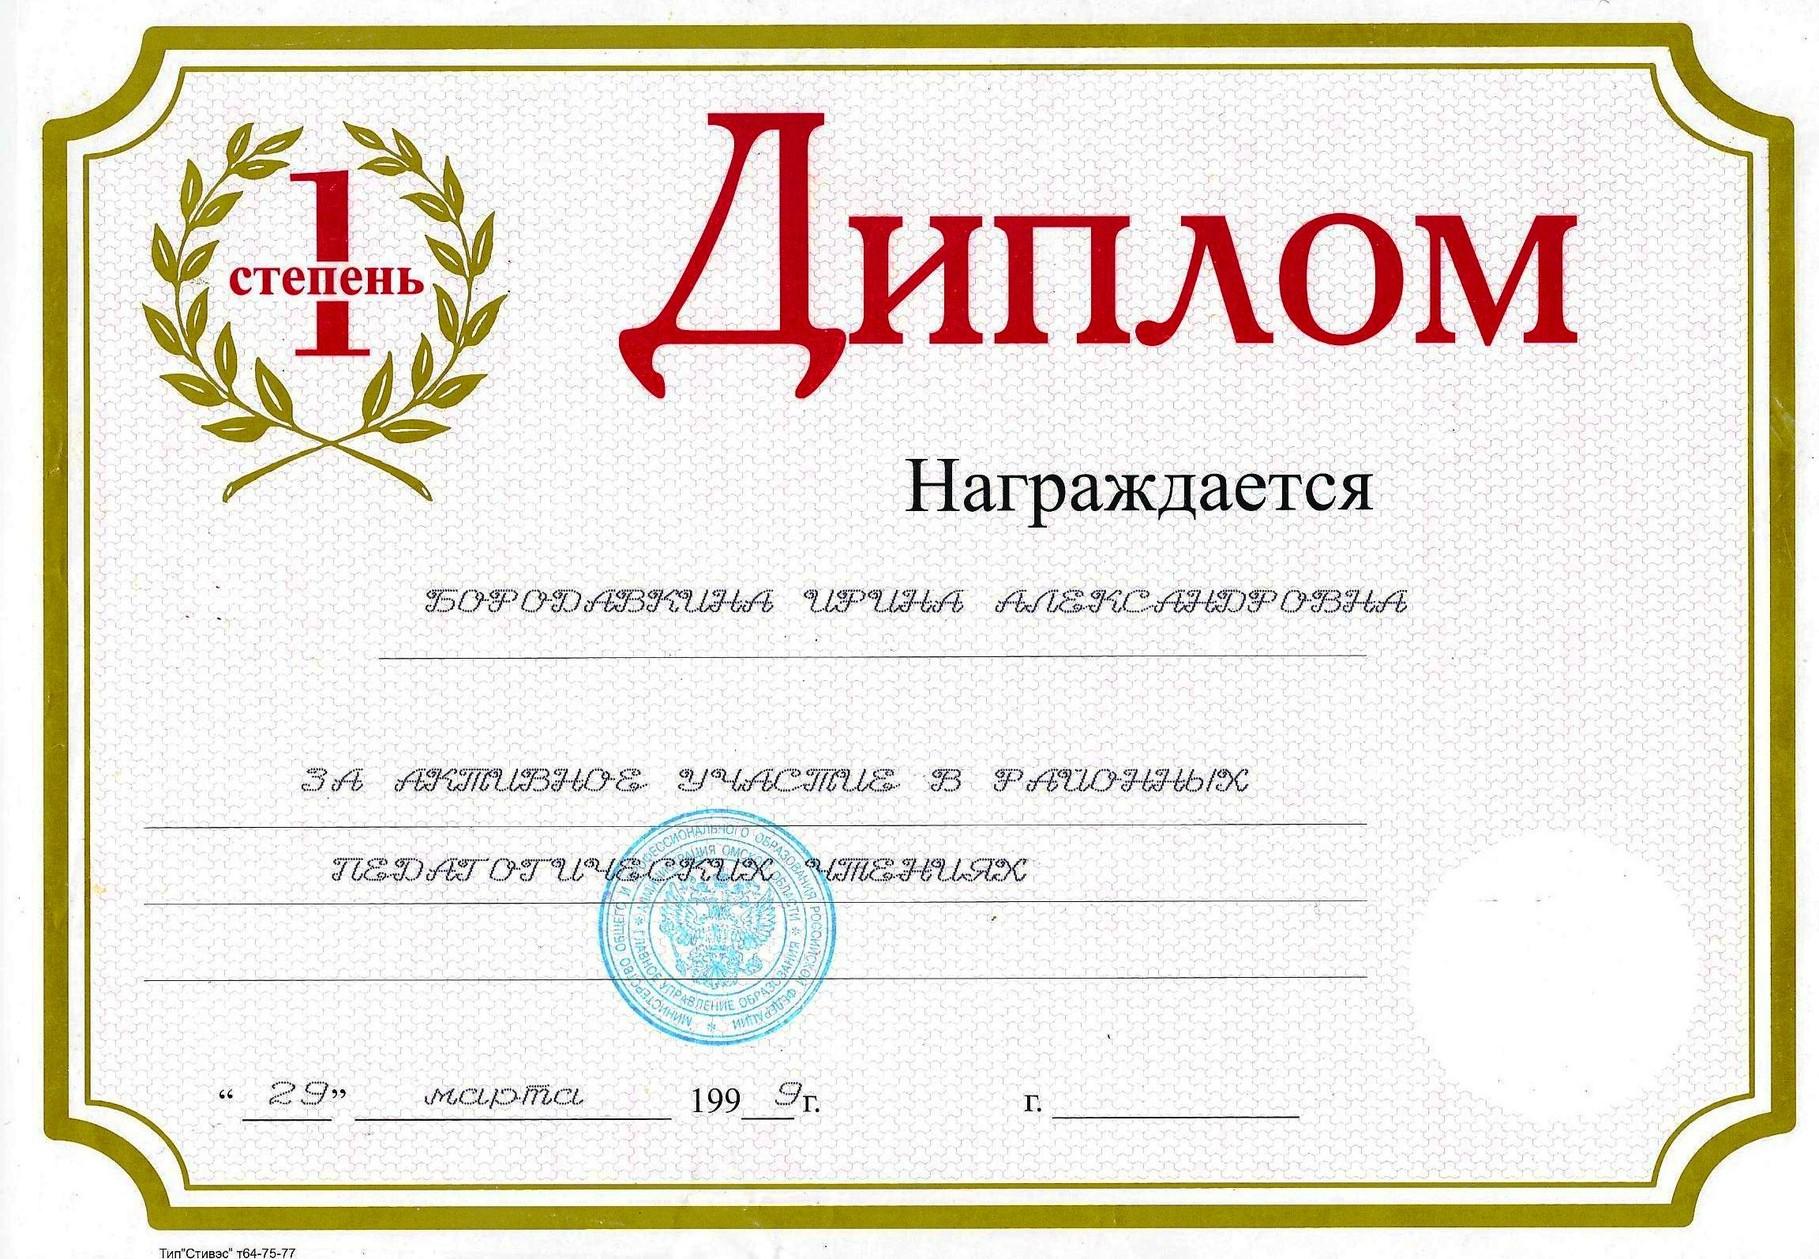 Диплом за победу в районных педагогических чтениях, 1999 г